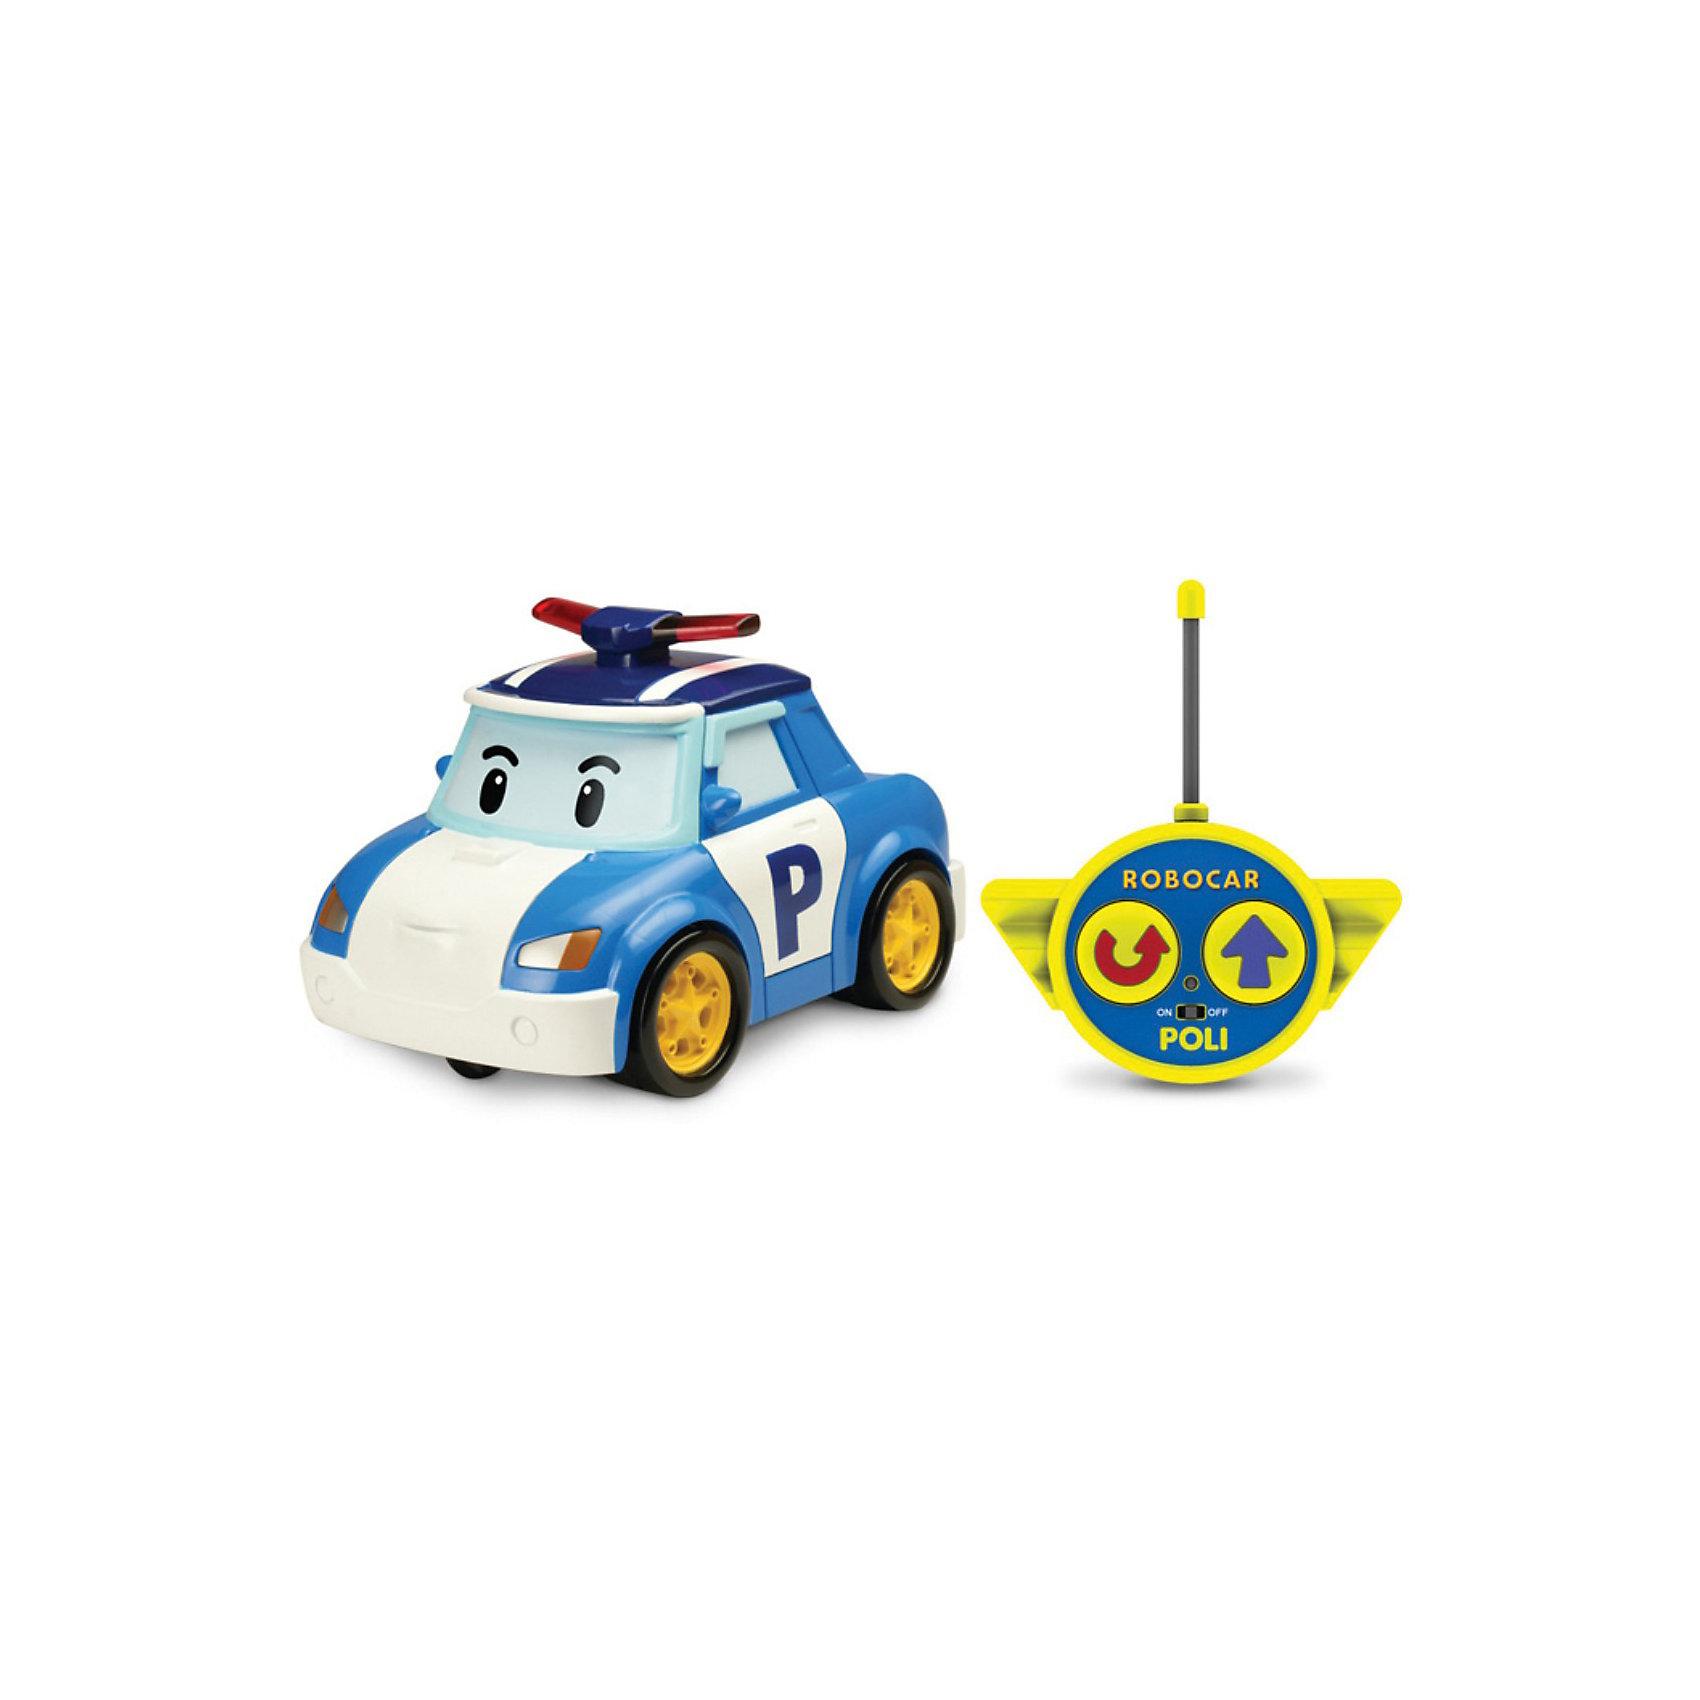 Silverlit Игрушка Поли на радиоуправлении, 15см, Робокар Поли игрушка на радиоуправлении